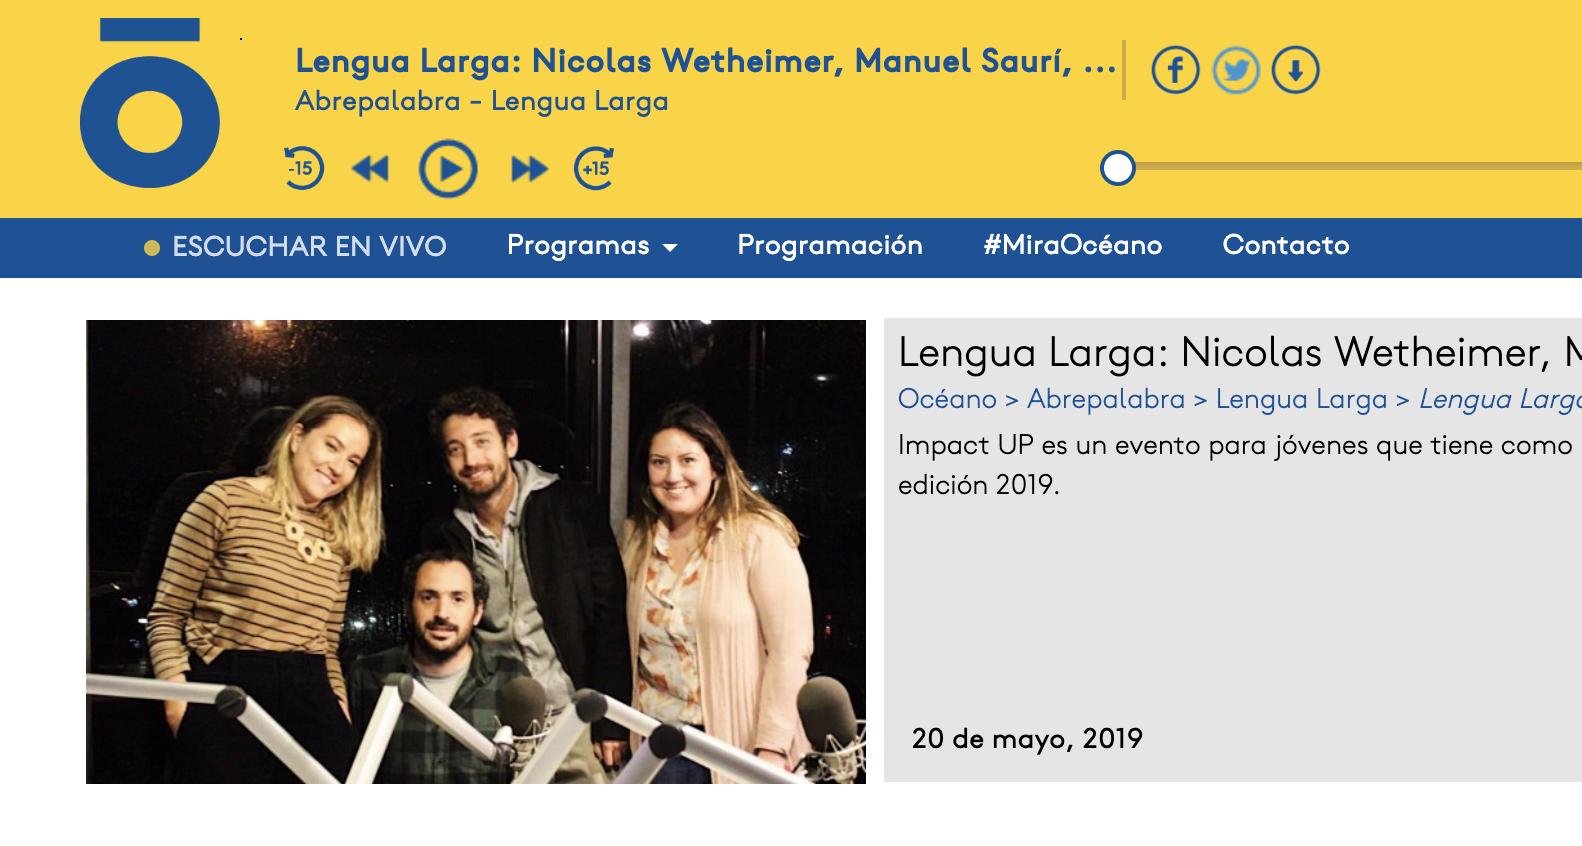 Lengua Larga: Nicolas Wetheimer, Manuel Saurí, Rocio Gonzalez y Alejandra Rossi -